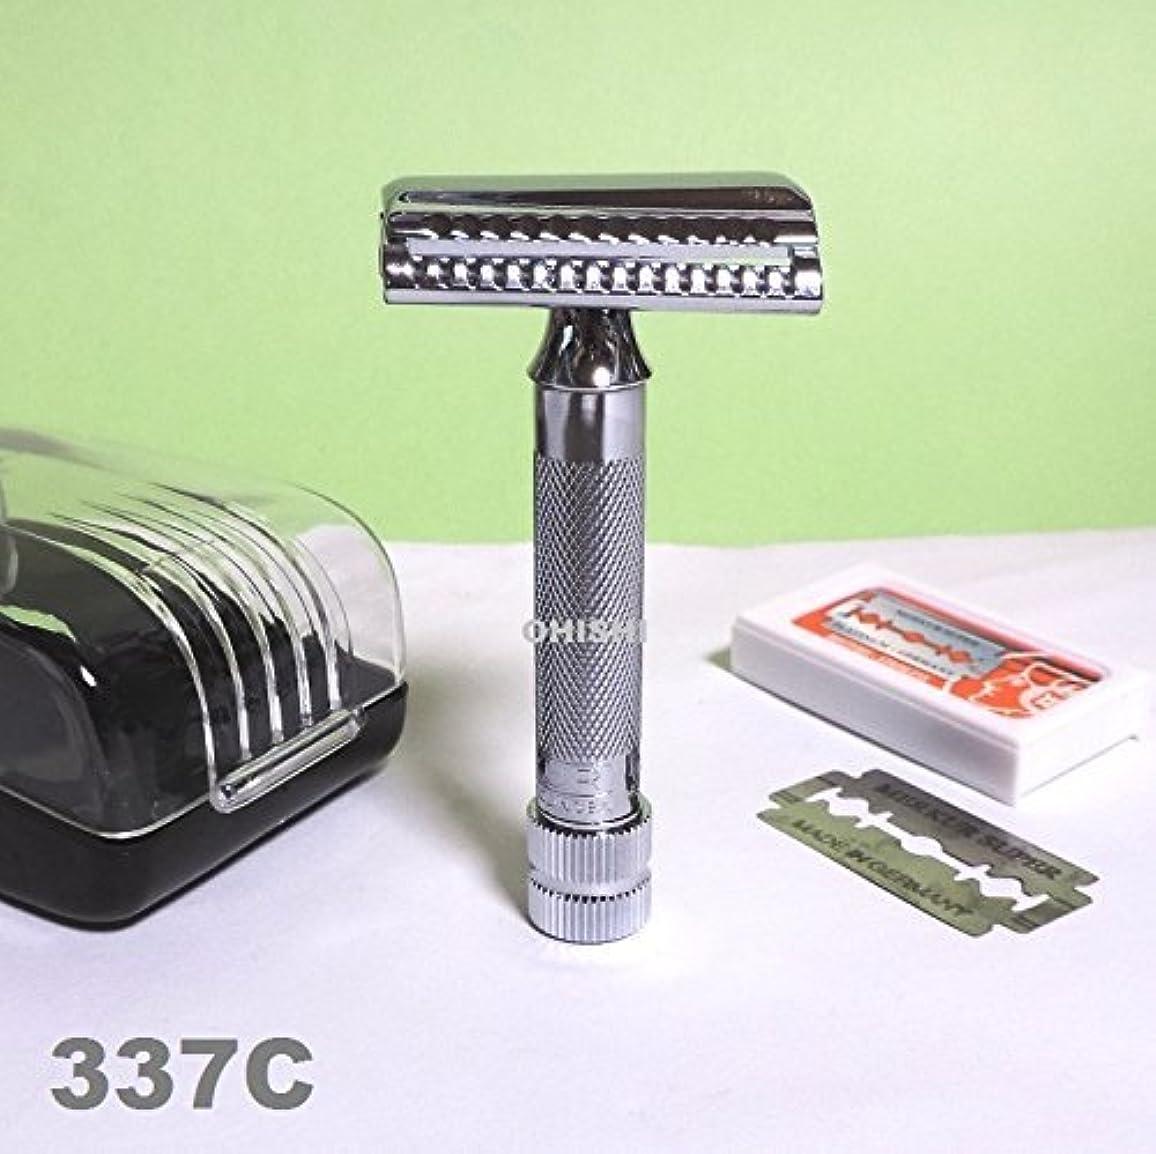 回路二次スリップメルクールMERKUR(独)髭剃り(ひげそり)両刃ホルダー ツイストヘッド337C (替刃11枚付)プラケース入